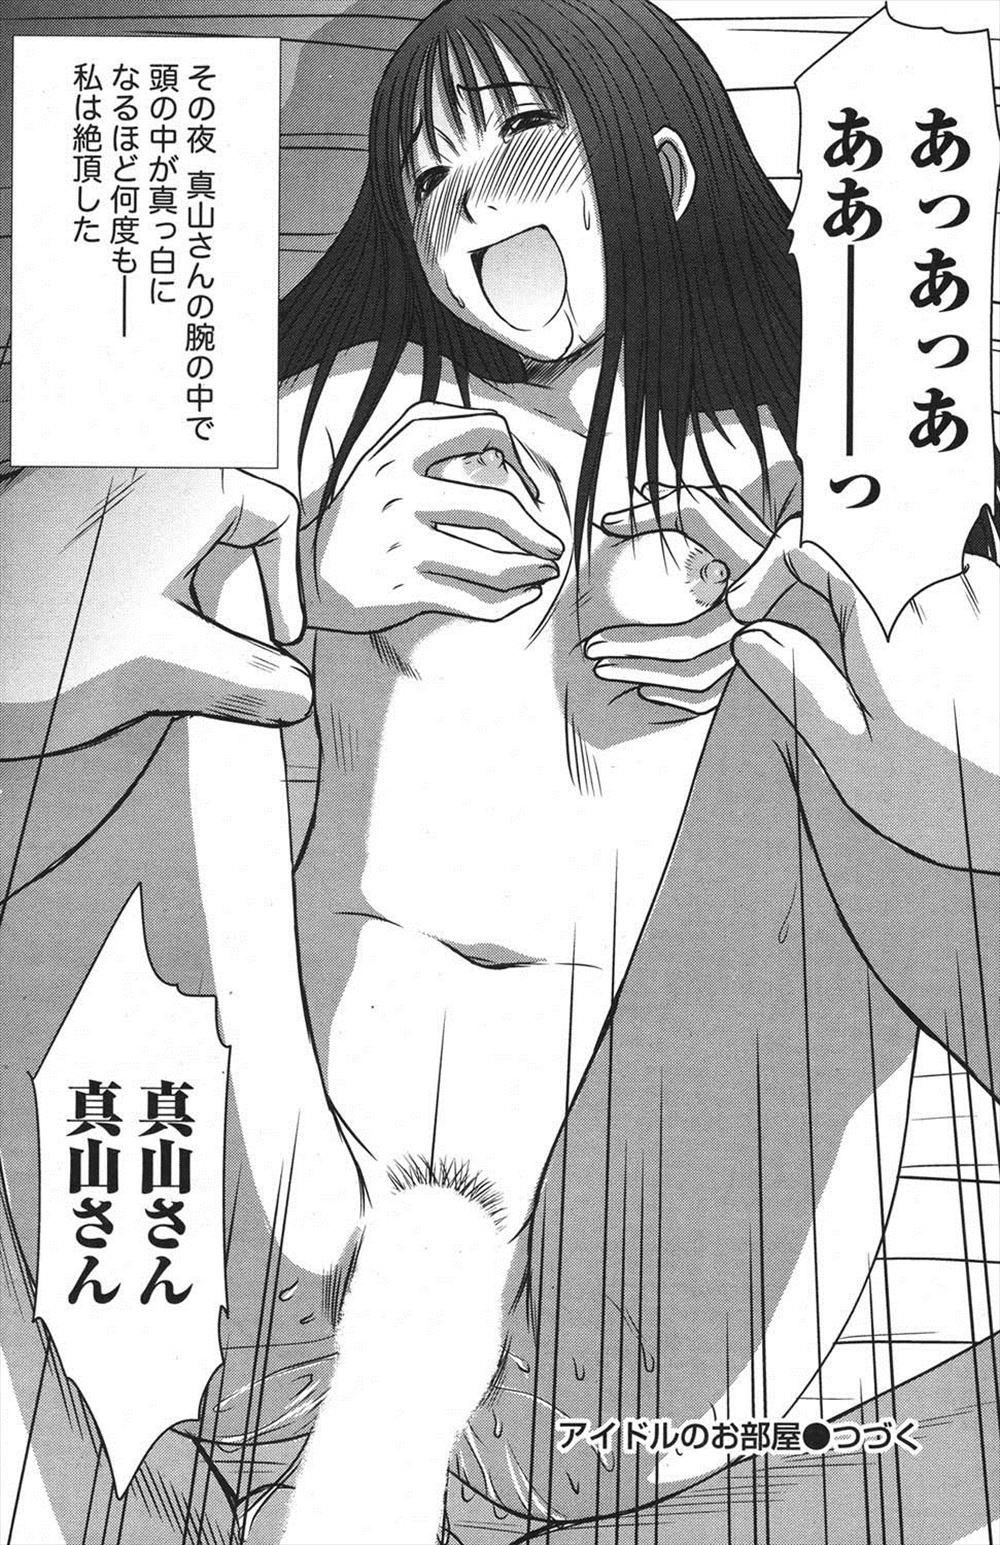 【エロ漫画同人誌】マネージャーに犯されかけた美少女アイドルがヤクザの男に助けられて抱いてもらう展開に♡ 020